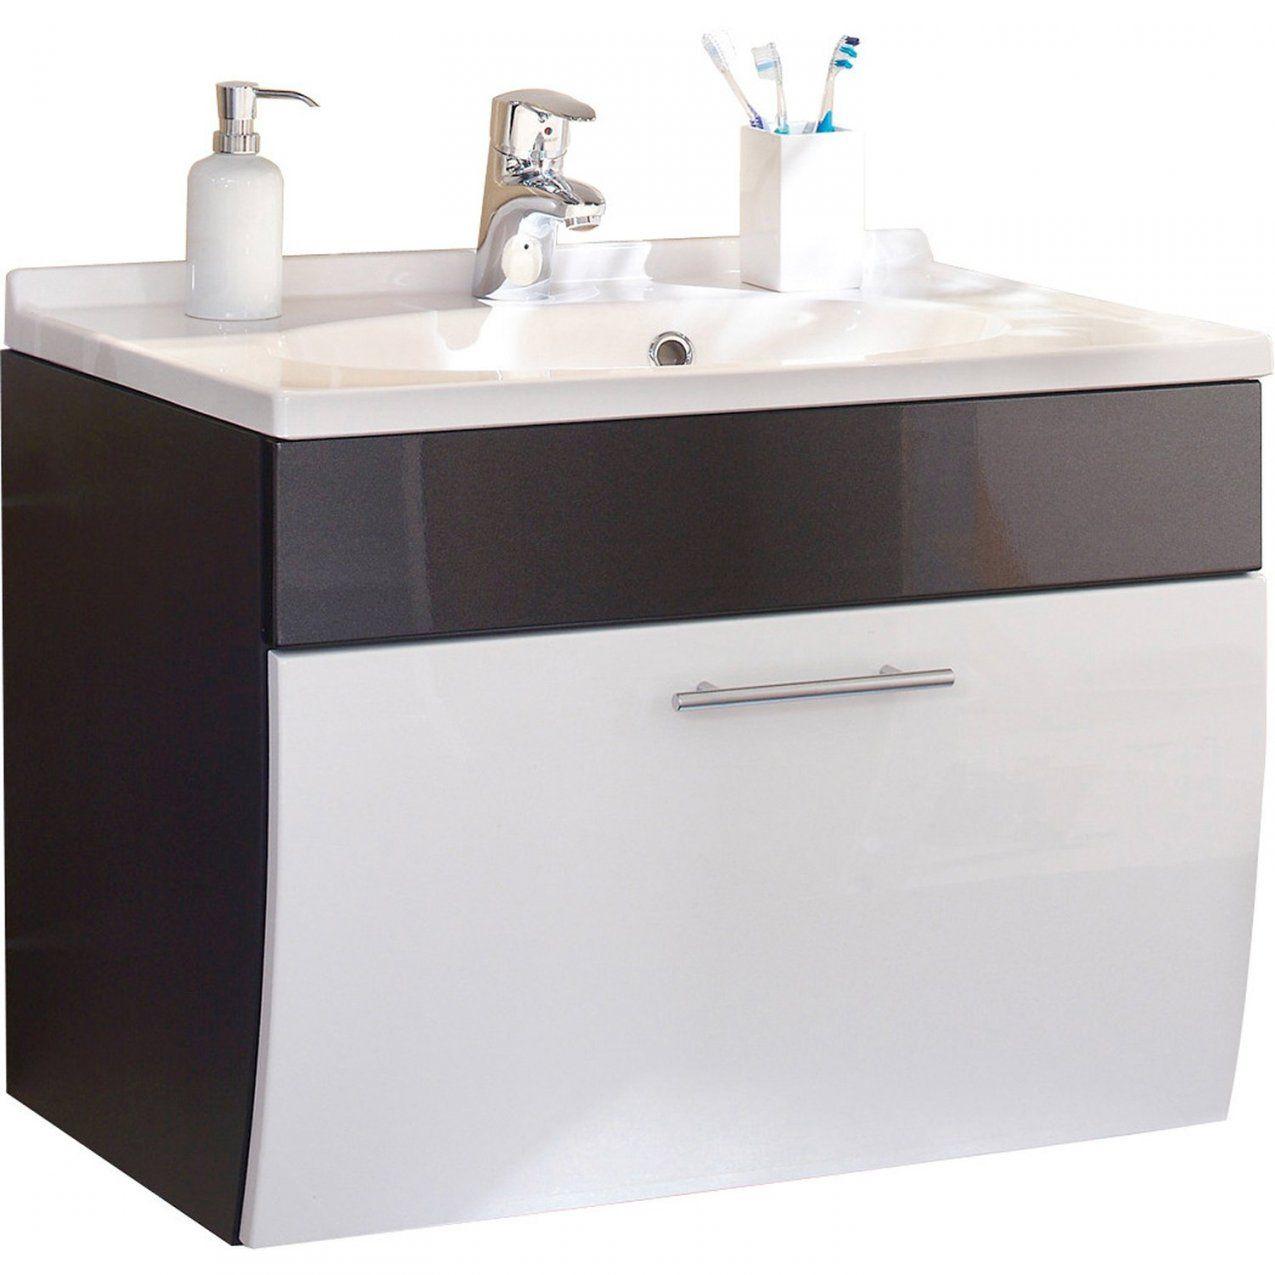 Posseik Waschplatz 70 Cm Salona Anthrazitweiß Kaufen Bei Obi von Obi Waschtisch Mit Unterschrank Bild